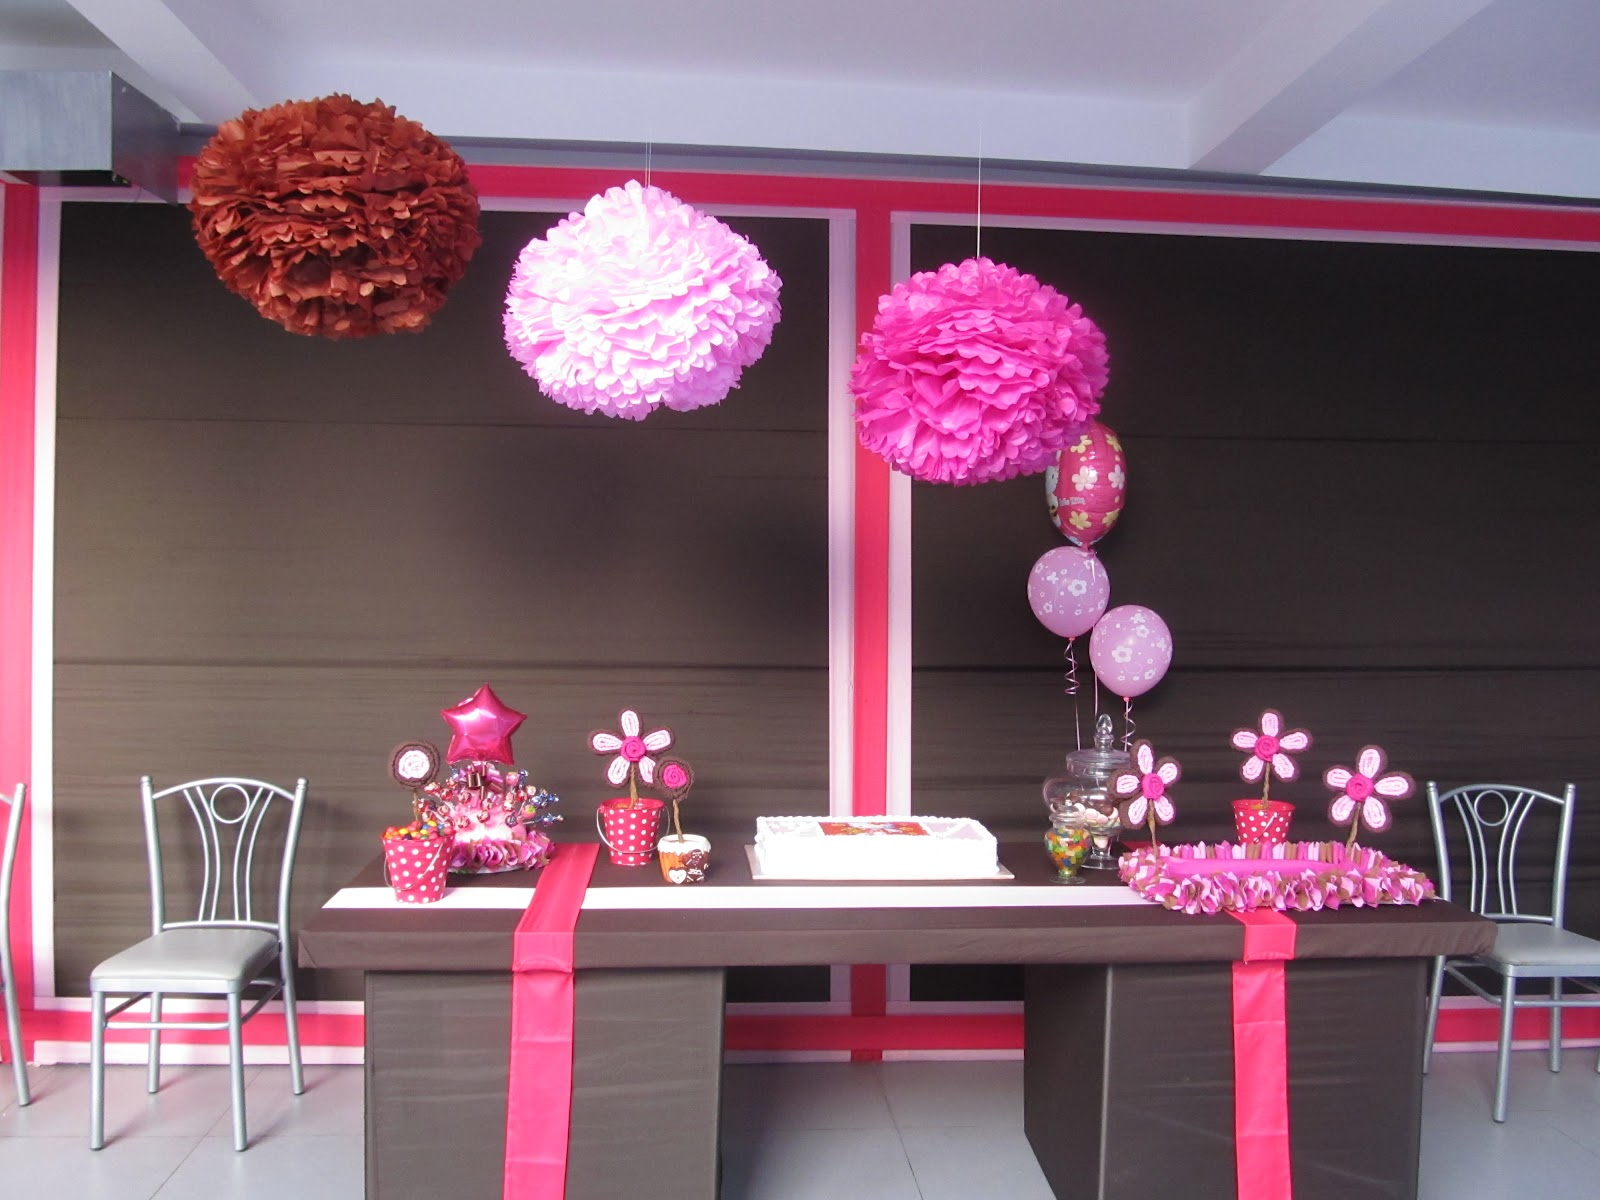 Sweet party fiesta de ni a decoraci n rosa y marr n - Decoracion fiesta rosa ...